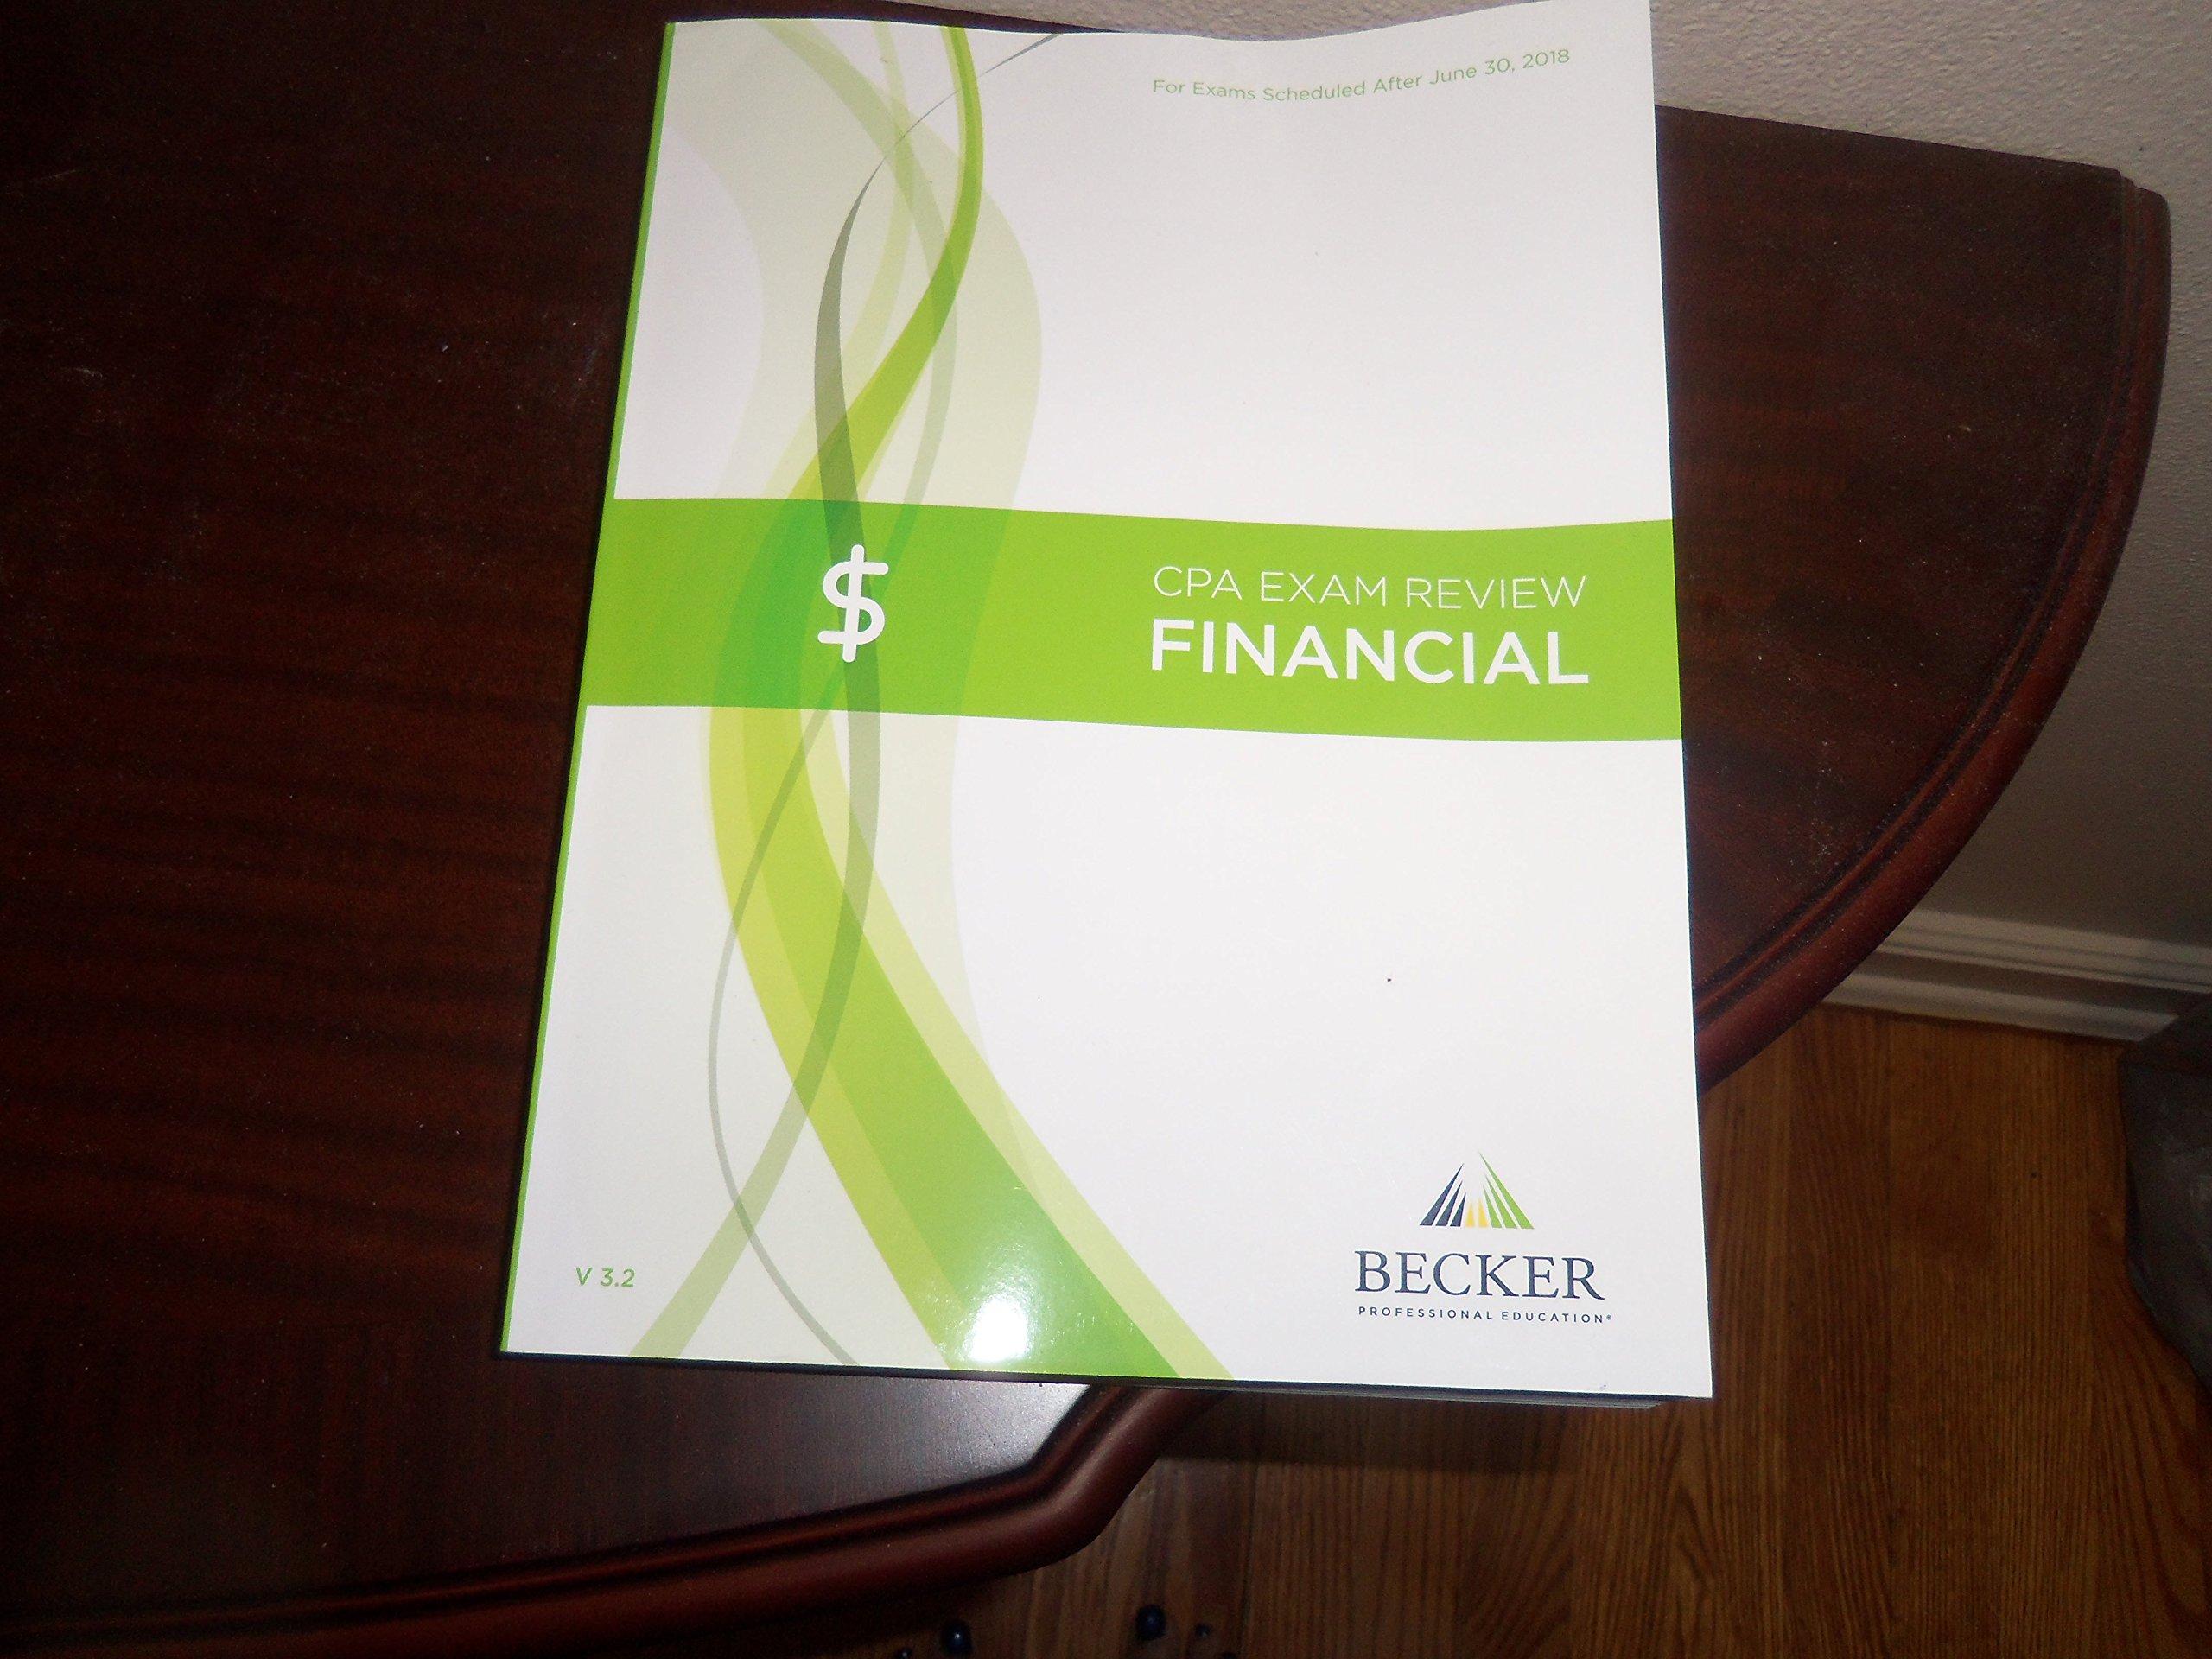 2018 Becker CPA Exam Review Financial V 3 2: 9781943628582